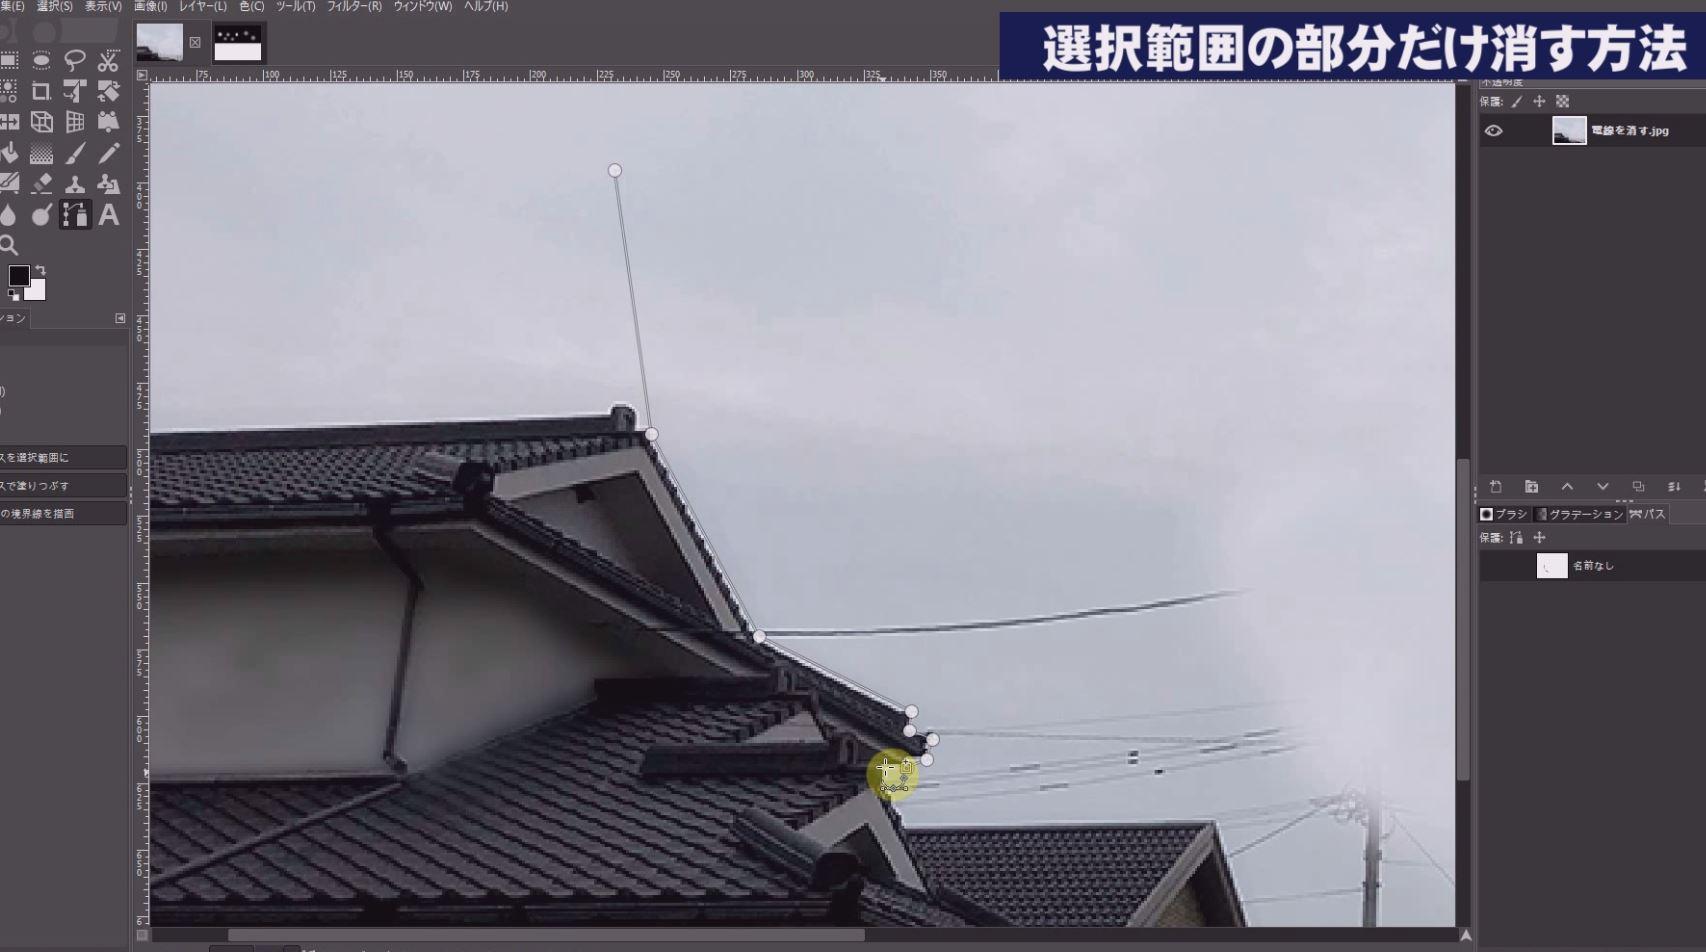 屋根の部分をパスを引く